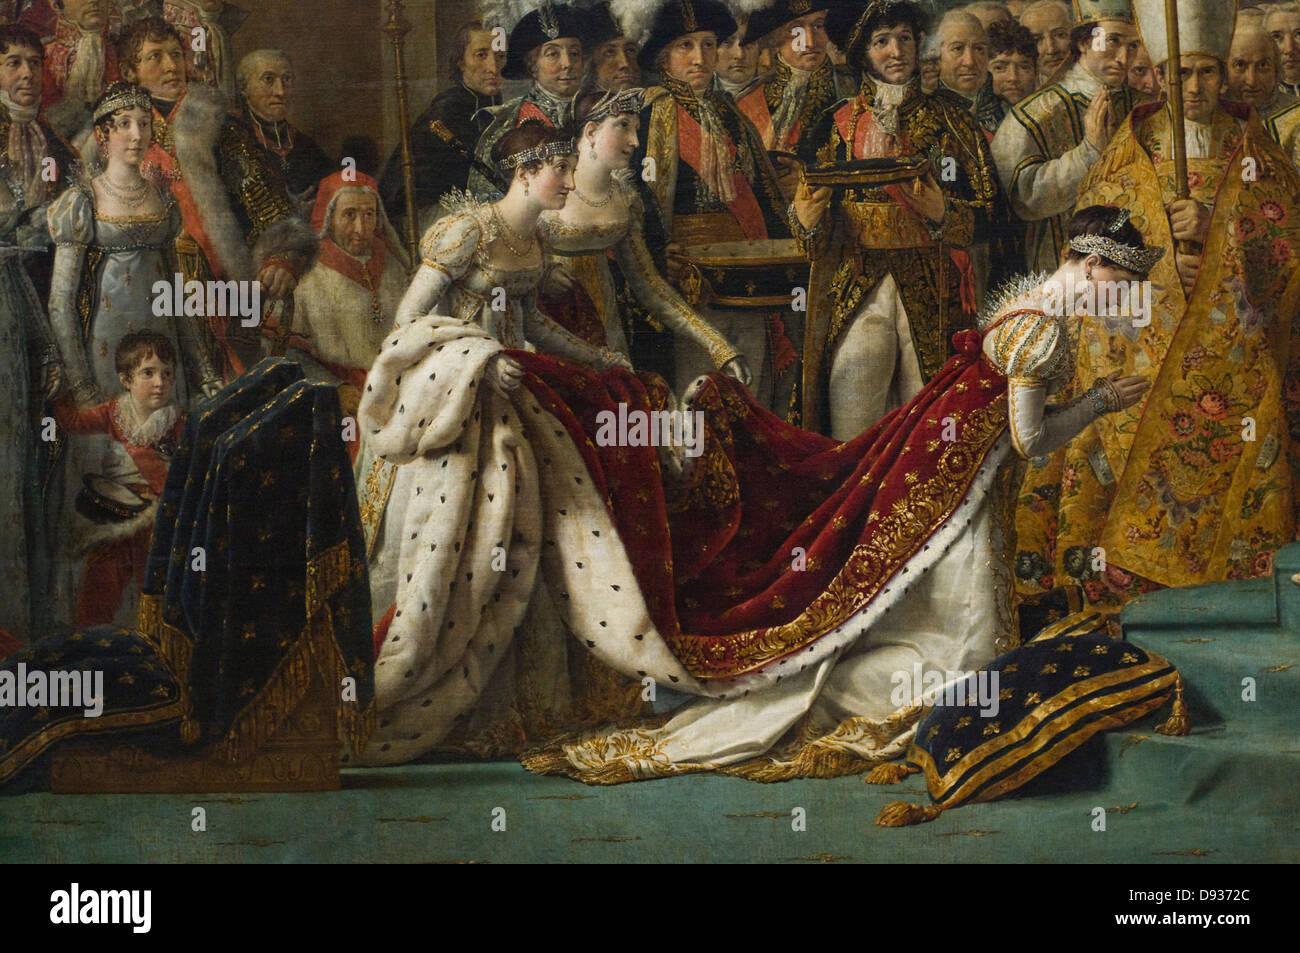 jacqueslouis david le sacre de napol233on the coronation